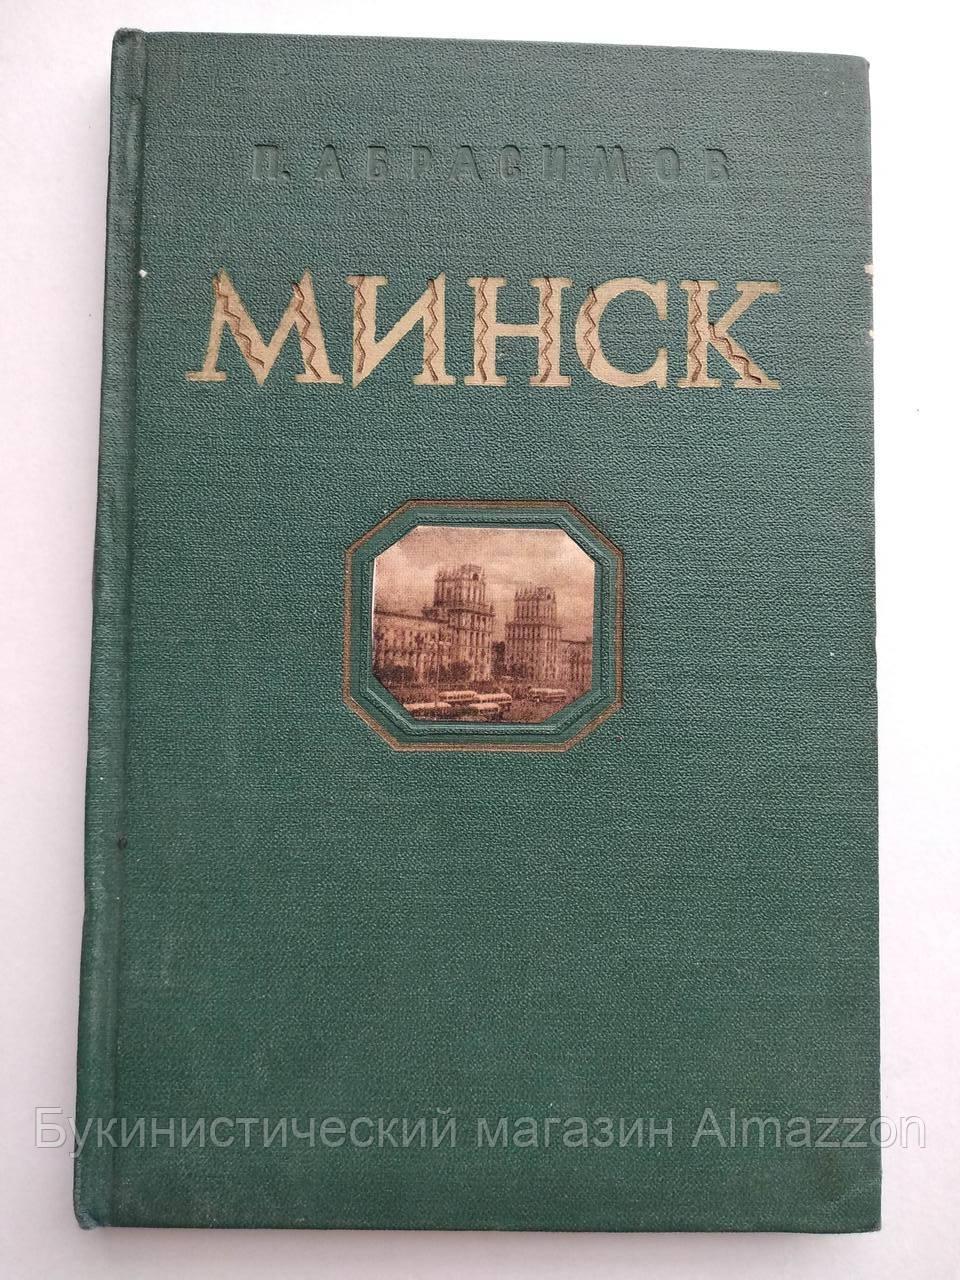 Минск П.Абрасимов 1956 год Историко-экономический очерк